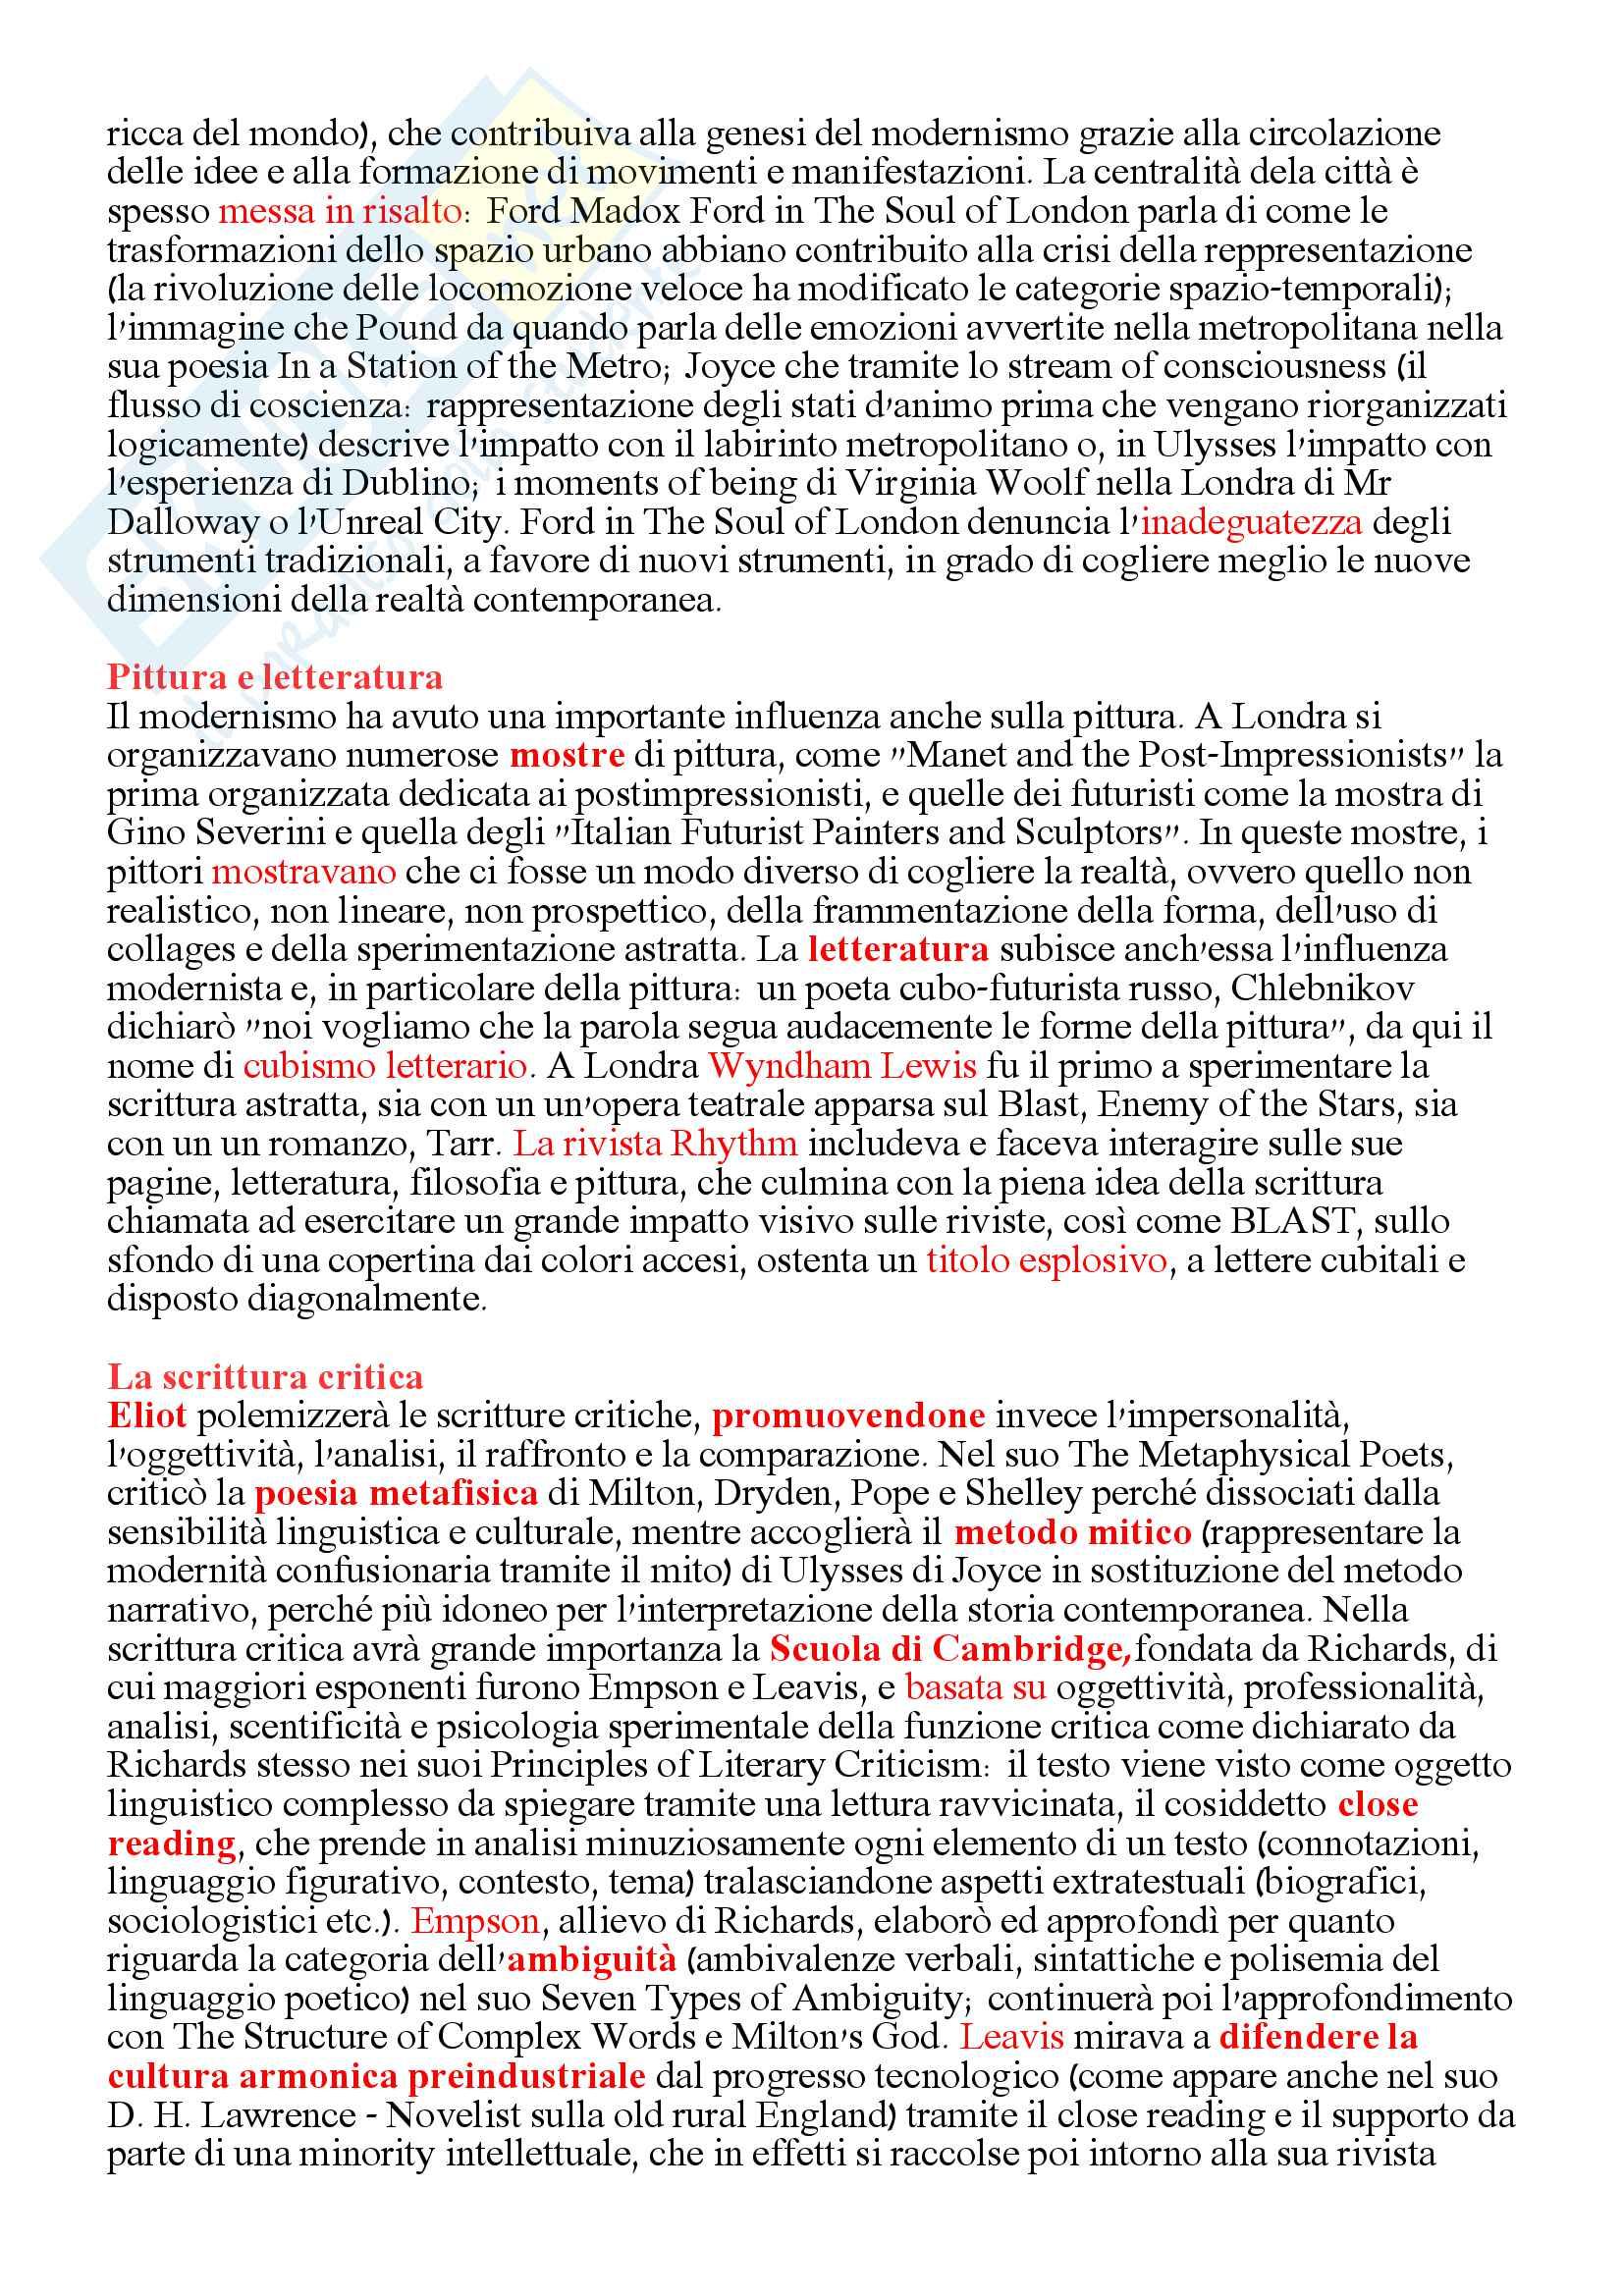 Riassunto personale derivato dallo studio integrato di tutti i capitoli, autori e opere del Bertinetti volume II e relativi approfondimenti personali Pag. 26